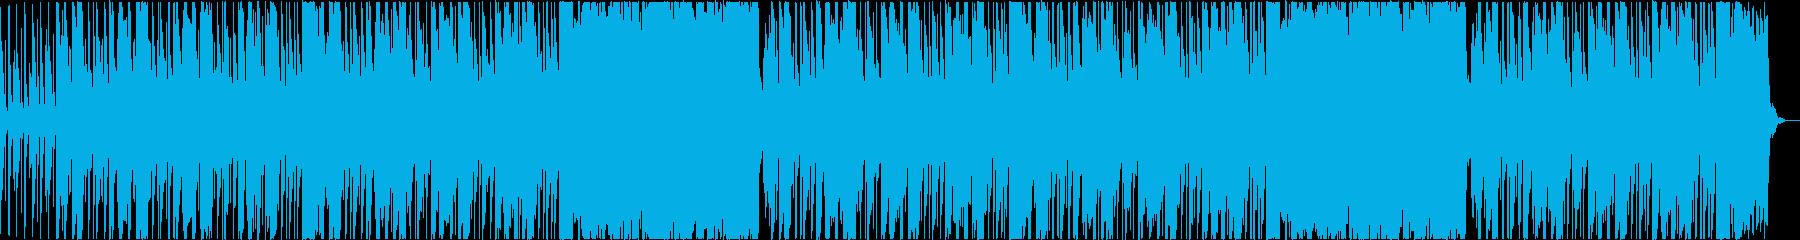 ほのぼのアウトドアの再生済みの波形